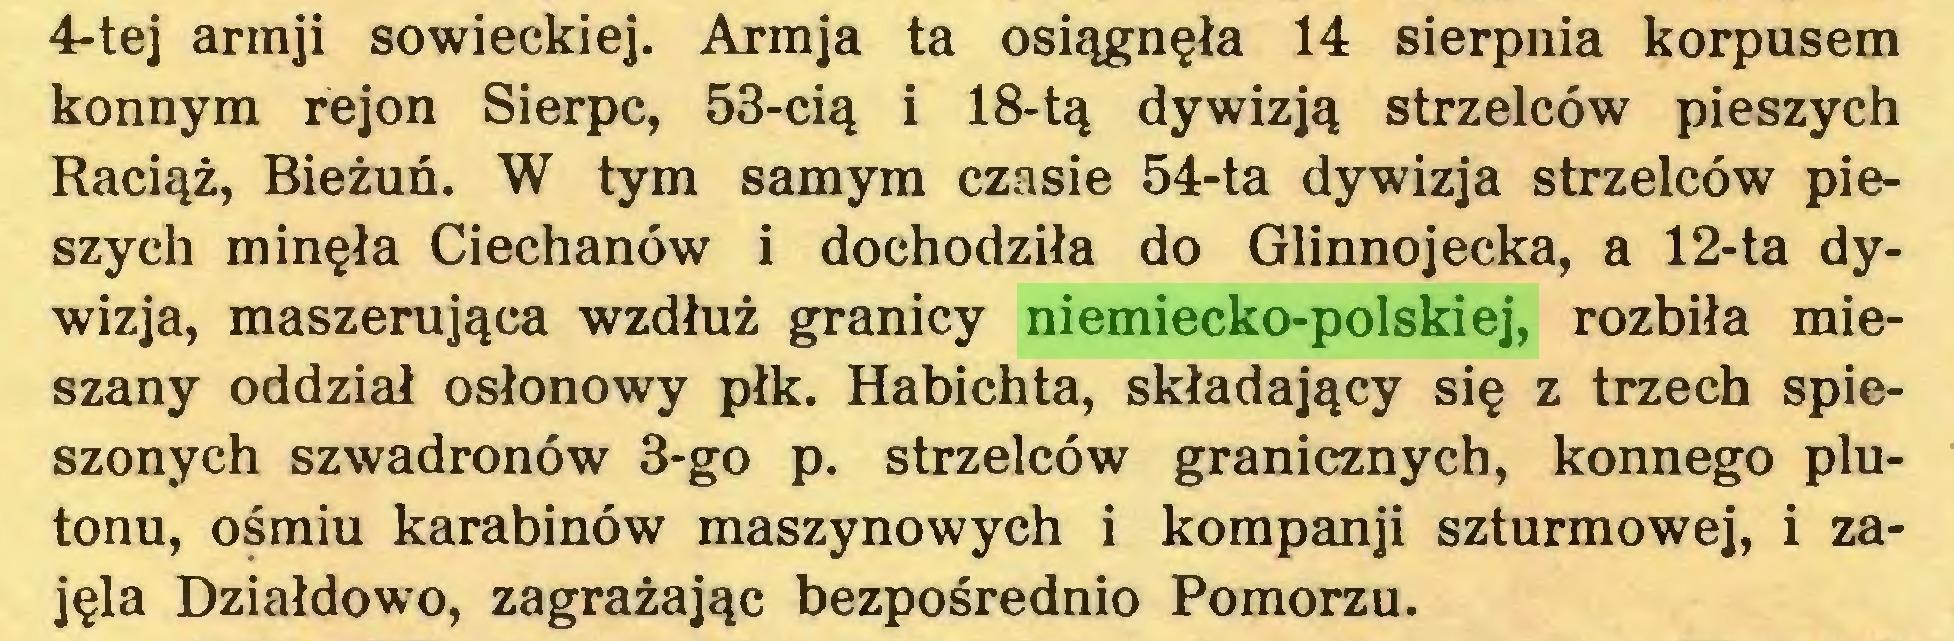 (...) 4-tej armji sowieckiej. Armja ta osiągnęła 14 sierpnia korpusem konnym rejon Sierpc, 53-cią i 18-tą dywizją strzelców pieszych Raciąż, Bieżuń. W tym samym czasie 54-ta dywizja strzelców pieszych minęła Ciechanów i dochodziła do Glinnojecka, a 12-ta dywizja, maszerująca wzdłuż granicy niemiecko-polskiej, rozbiła mieszany oddział osłonowy płk. Habichta, składający się z trzech spieszonych szwadronów 3-go p. strzelców granicznych, konnego plutonu, ośmiu karabinów maszynowych i kompanji szturmowej, i zajęła Działdowo, zagrażając bezpośrednio Pomorzu...